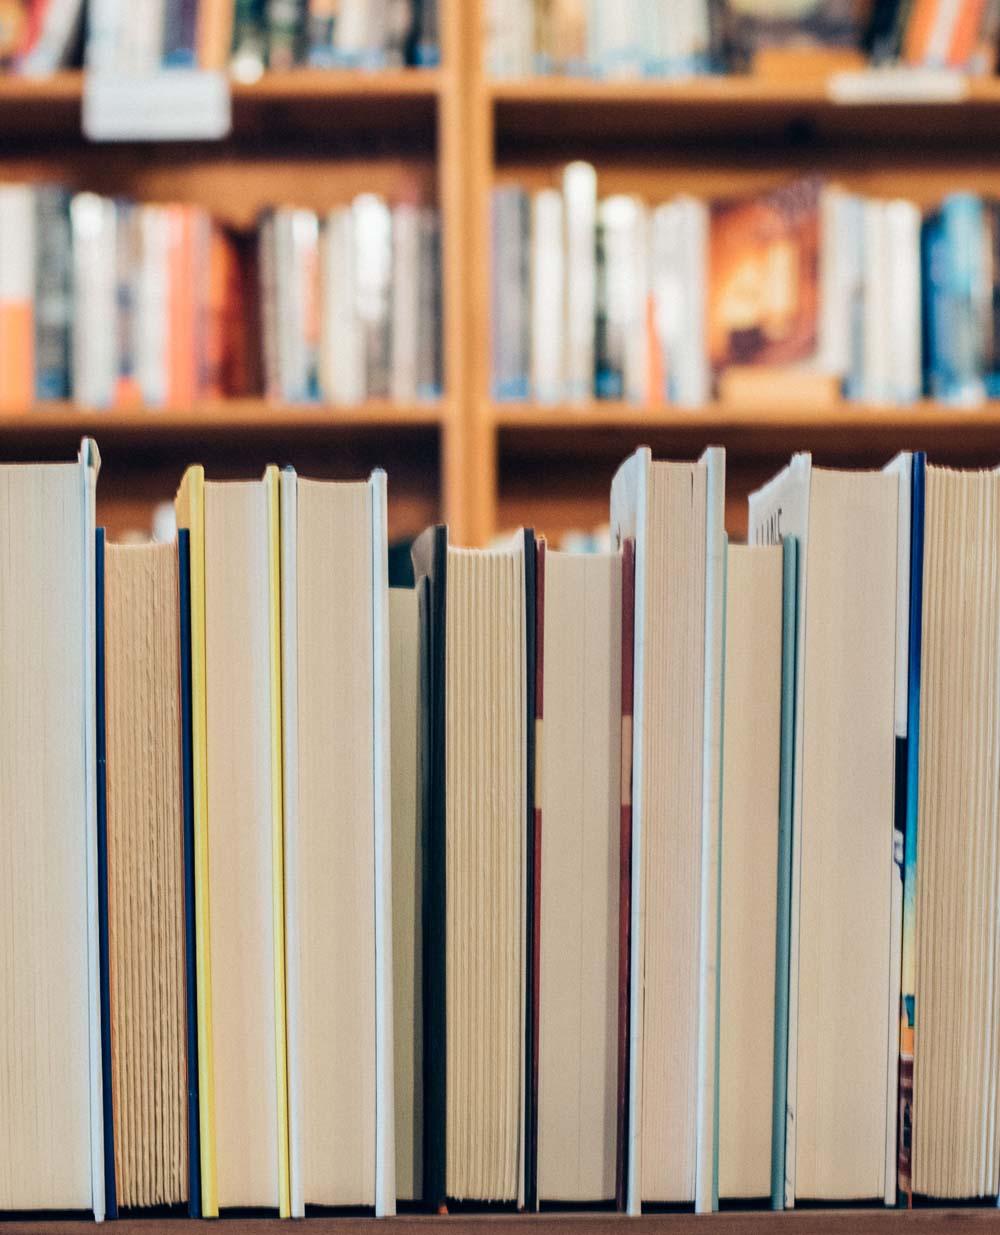 Bookshelf-library.jpg